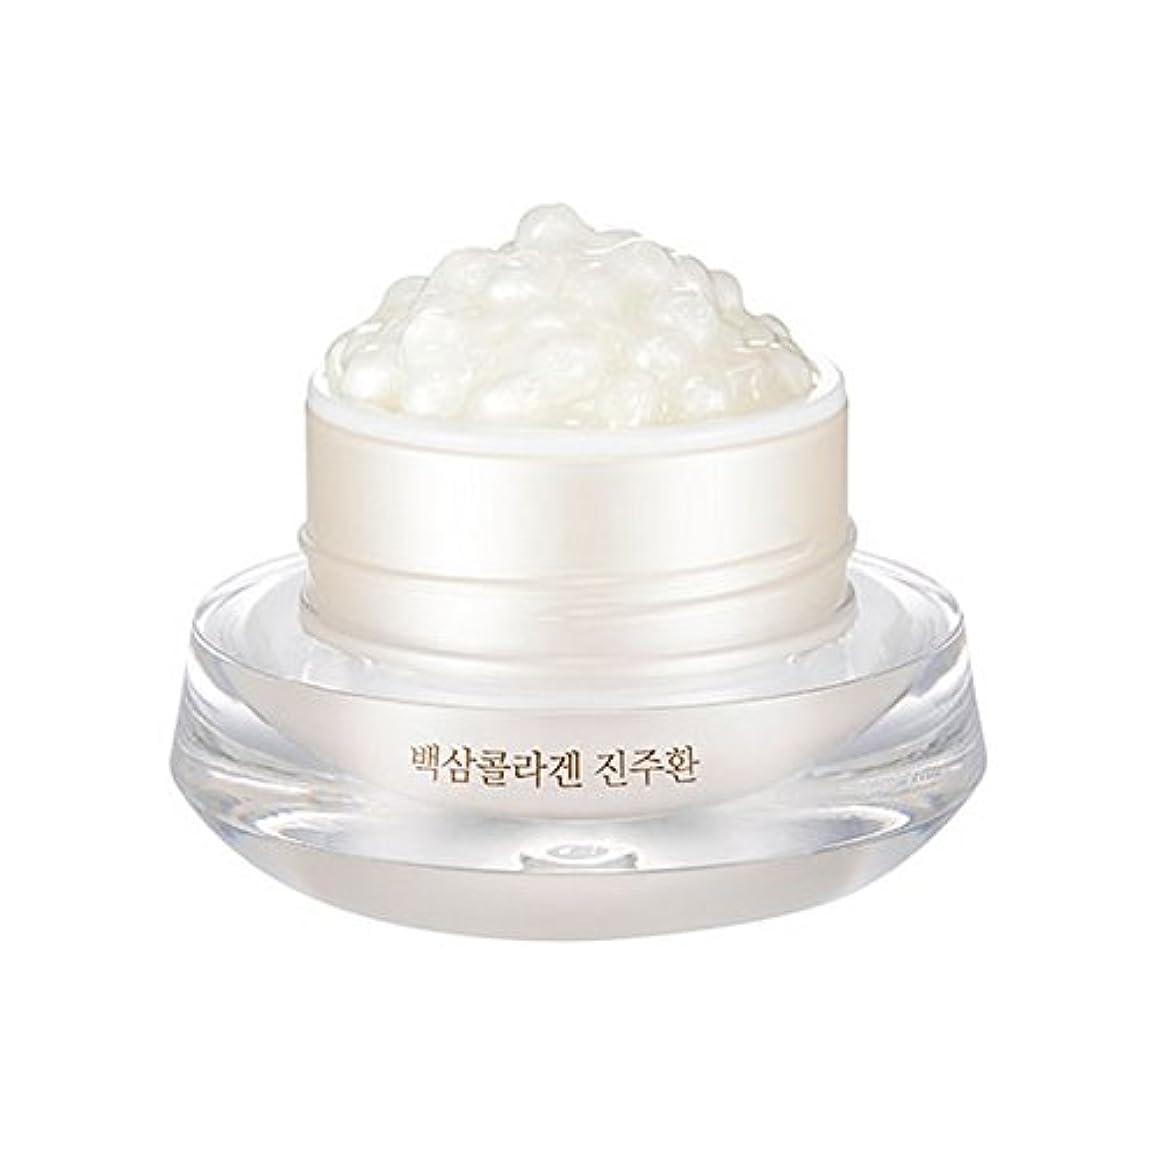 ライドコテージ懐疑論[ザ?フェイスショップ] The Face Shop 白参 コラーゲン パール カプセルクリーム White Ginseng Collagen Pearl Capsule Cream [並行輸入品]